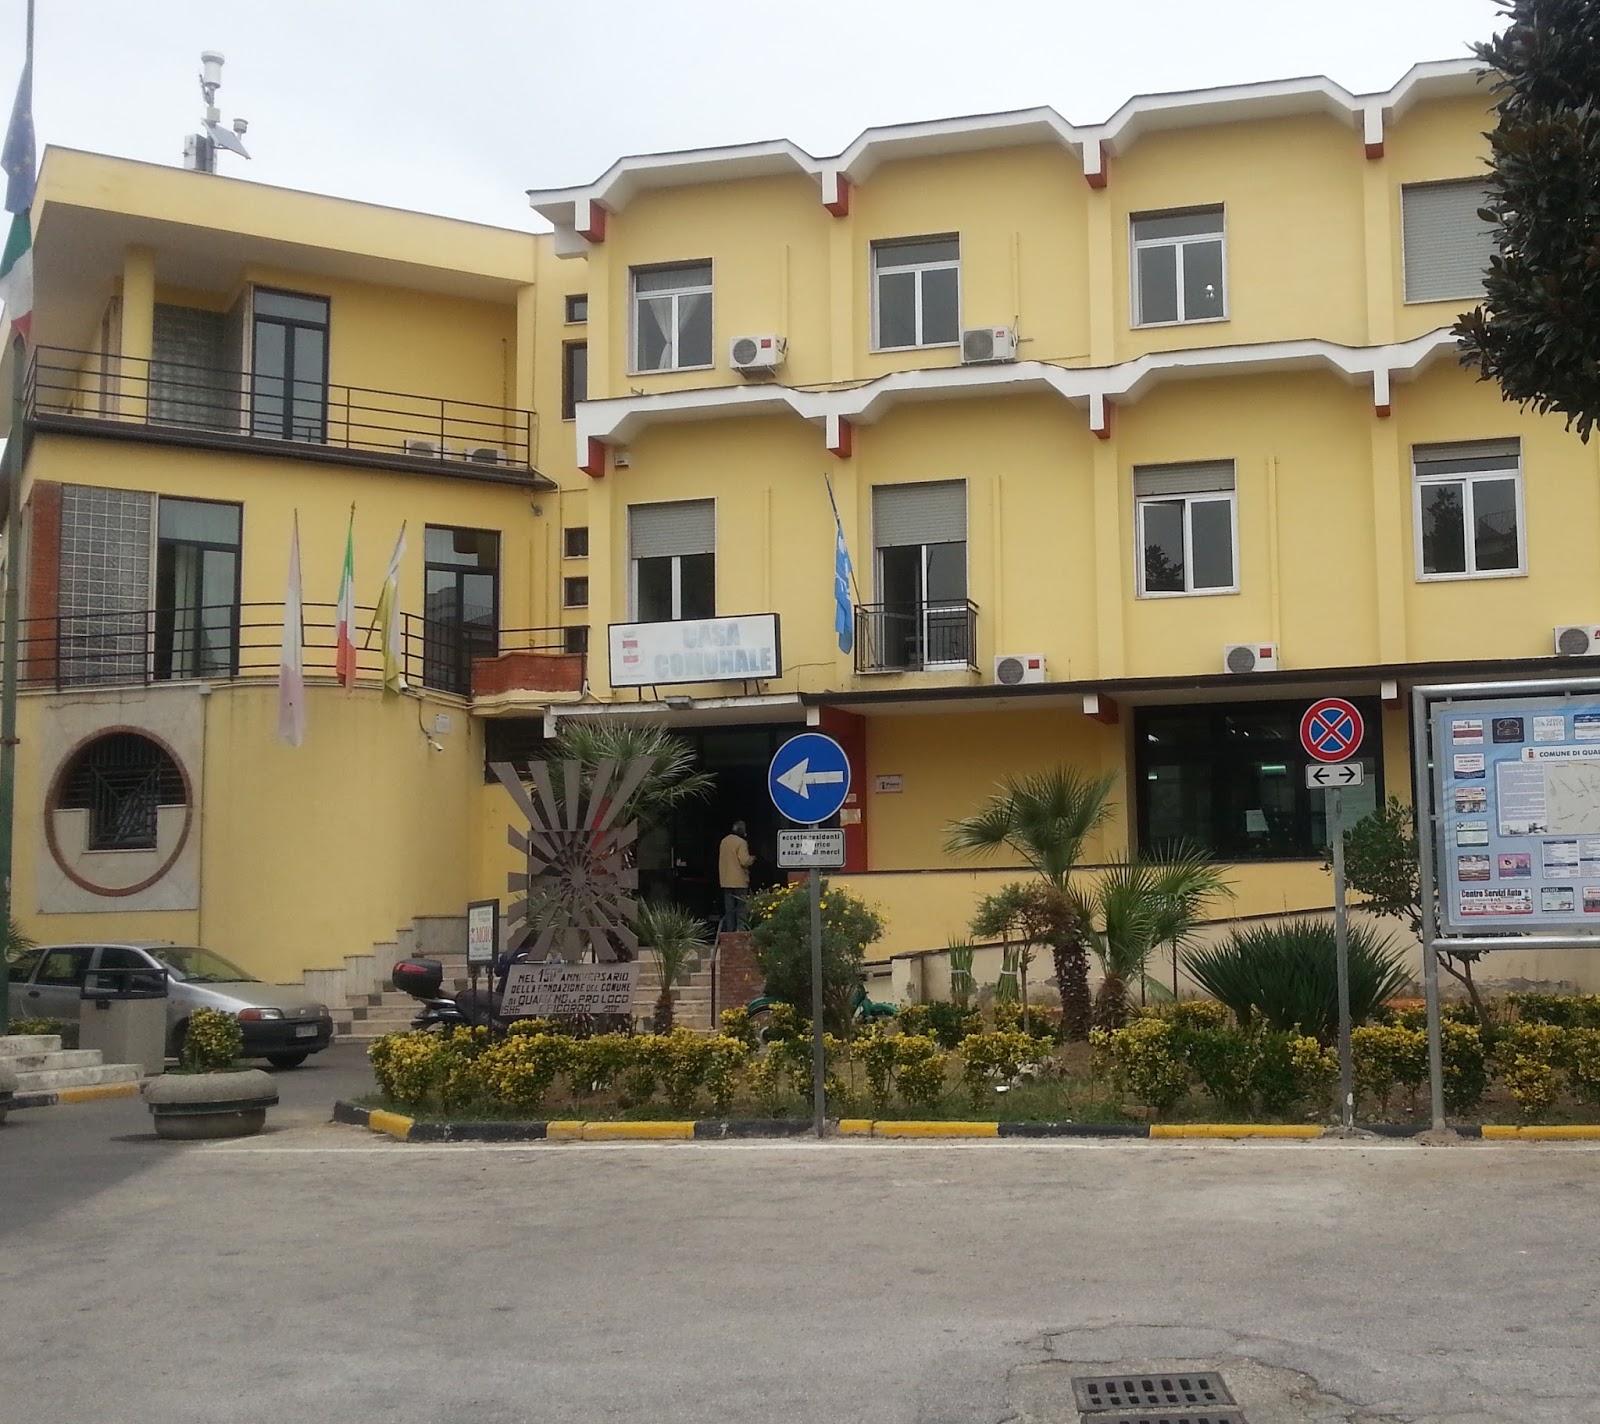 Il sindaco De Luca firma l obbligo di cura di balconi e facciate di edifici privati che danno sulla pubblica via ed i cui distacchi di intonaco o altro